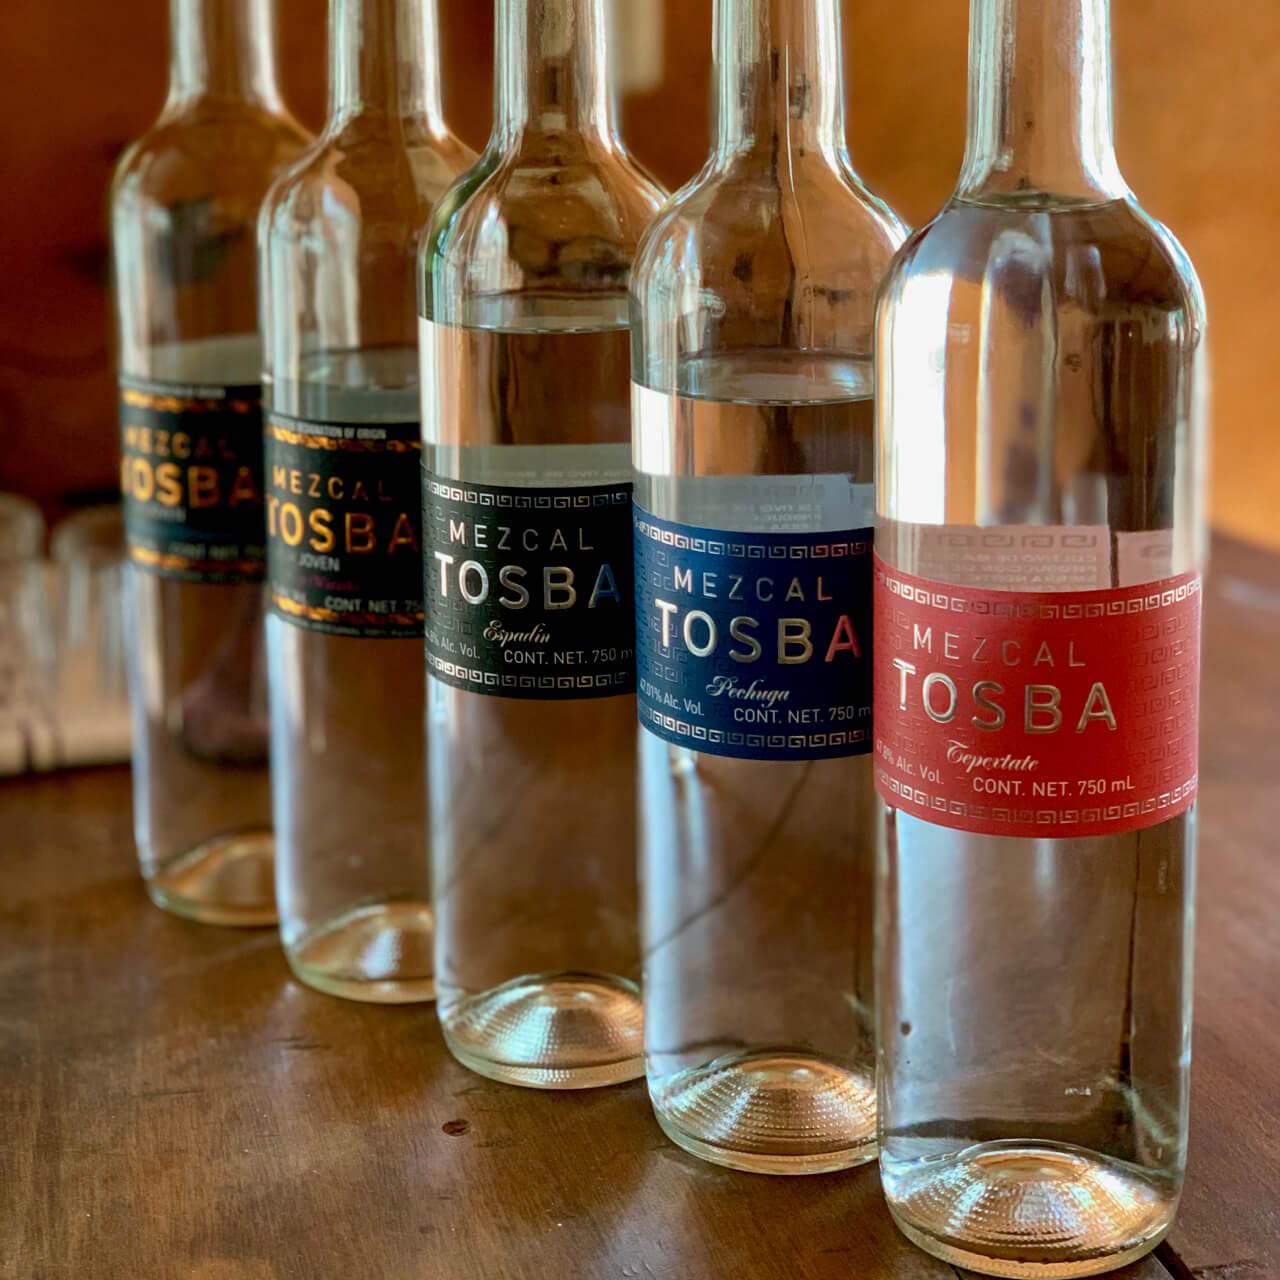 Mezcal Tosba bottles